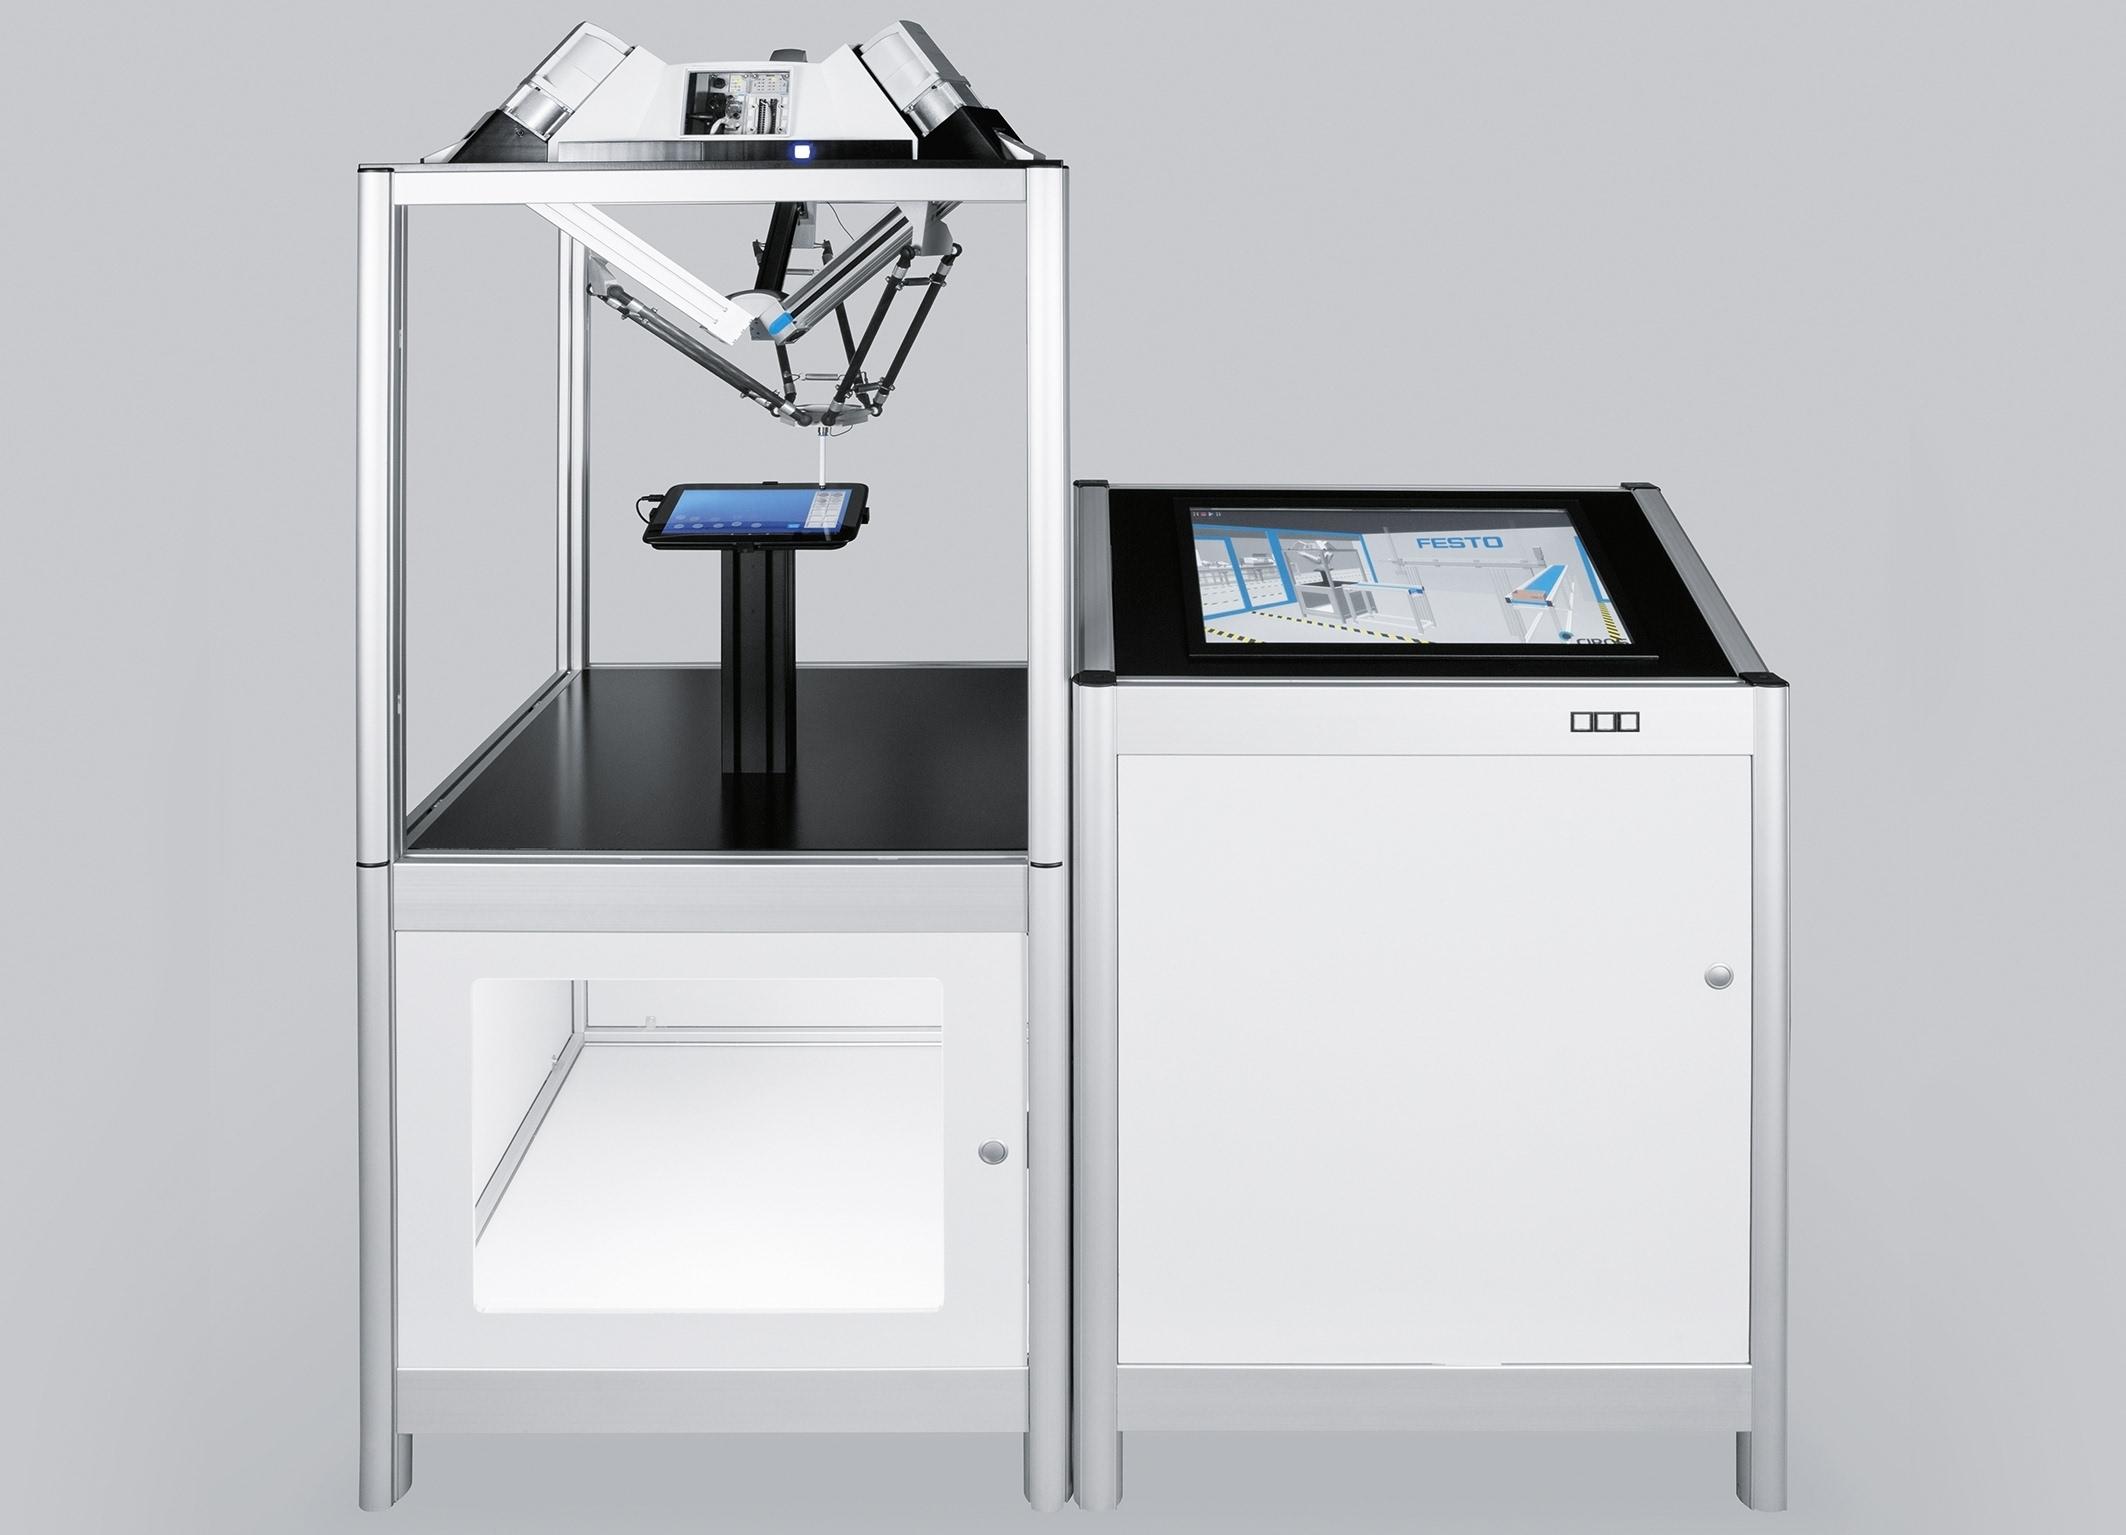 费斯托长期为中国市场提供工厂自动化和过程自动化的气动和电动技术图片